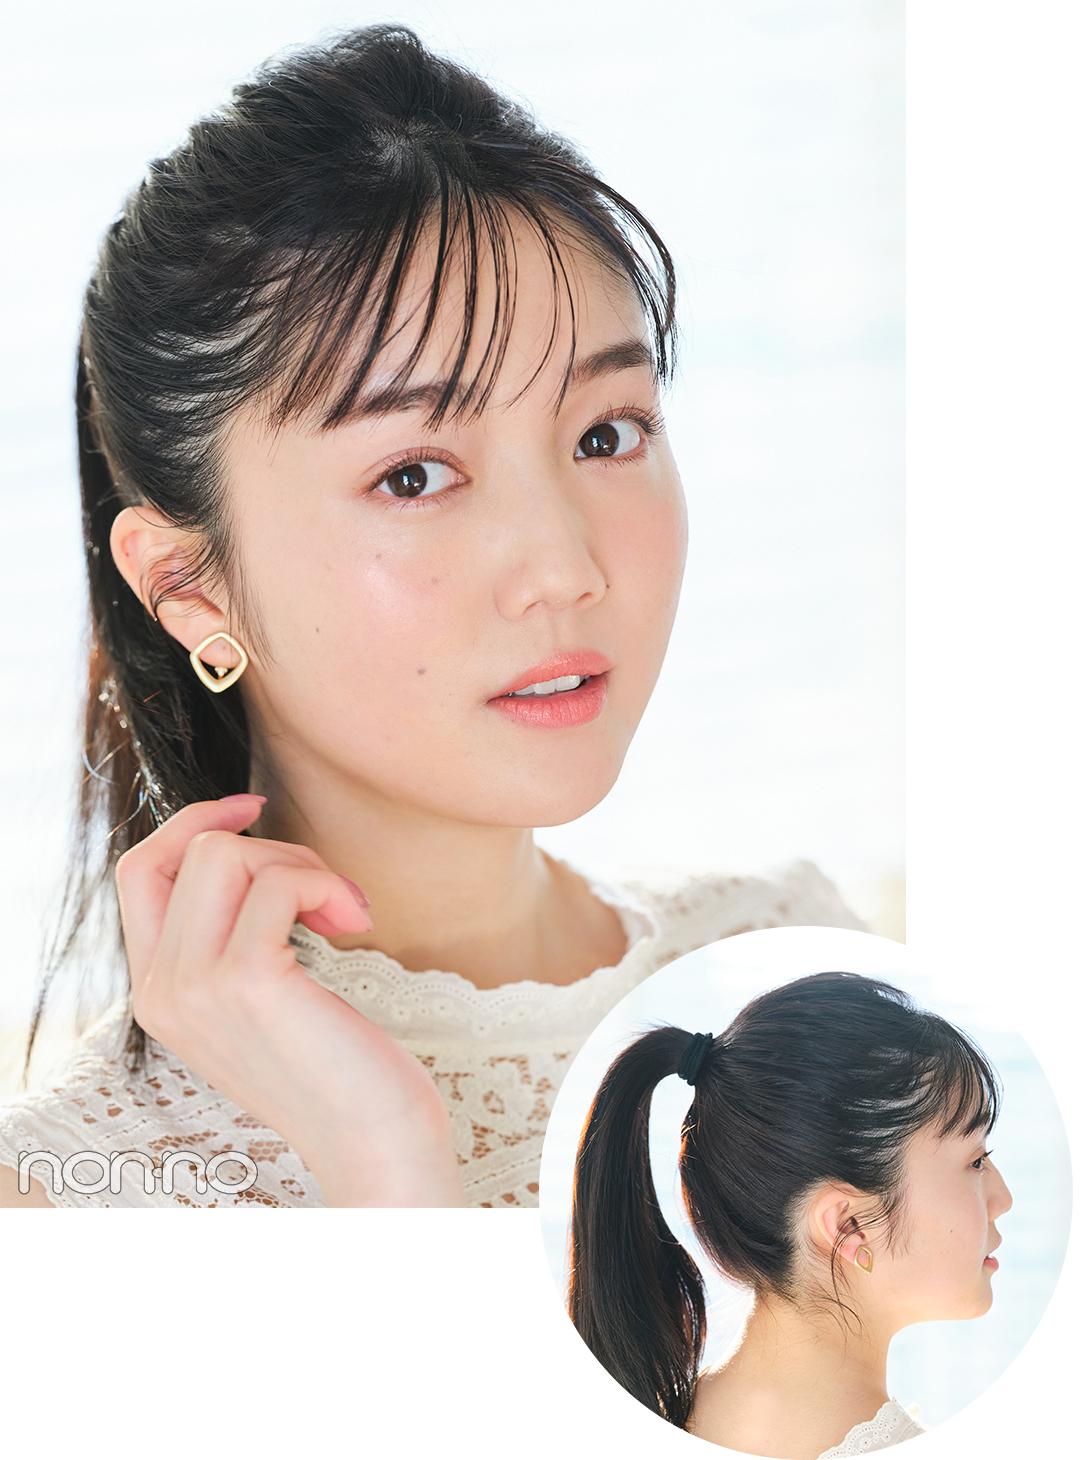 恋活ヘアアレ3 爽やかポニー 松川菜々花